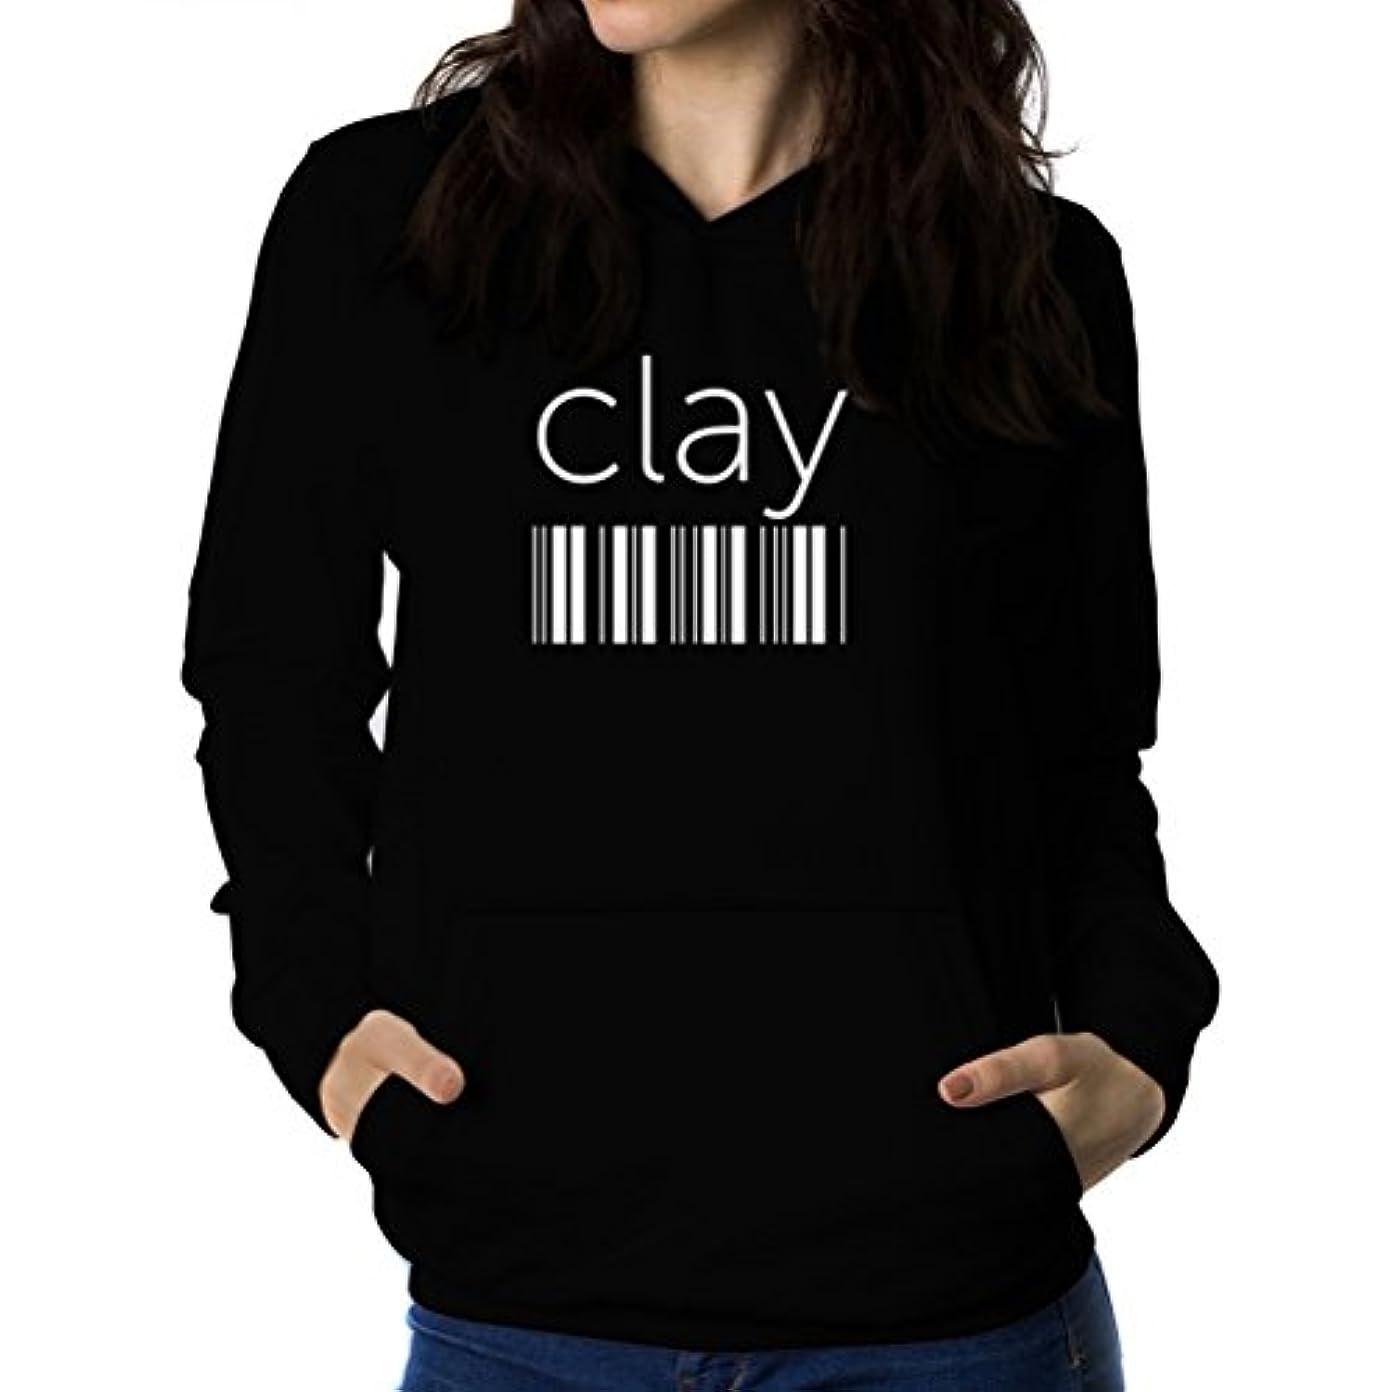 製品ベアリング素晴らしい良い多くのClay barcode 女性 フーディー